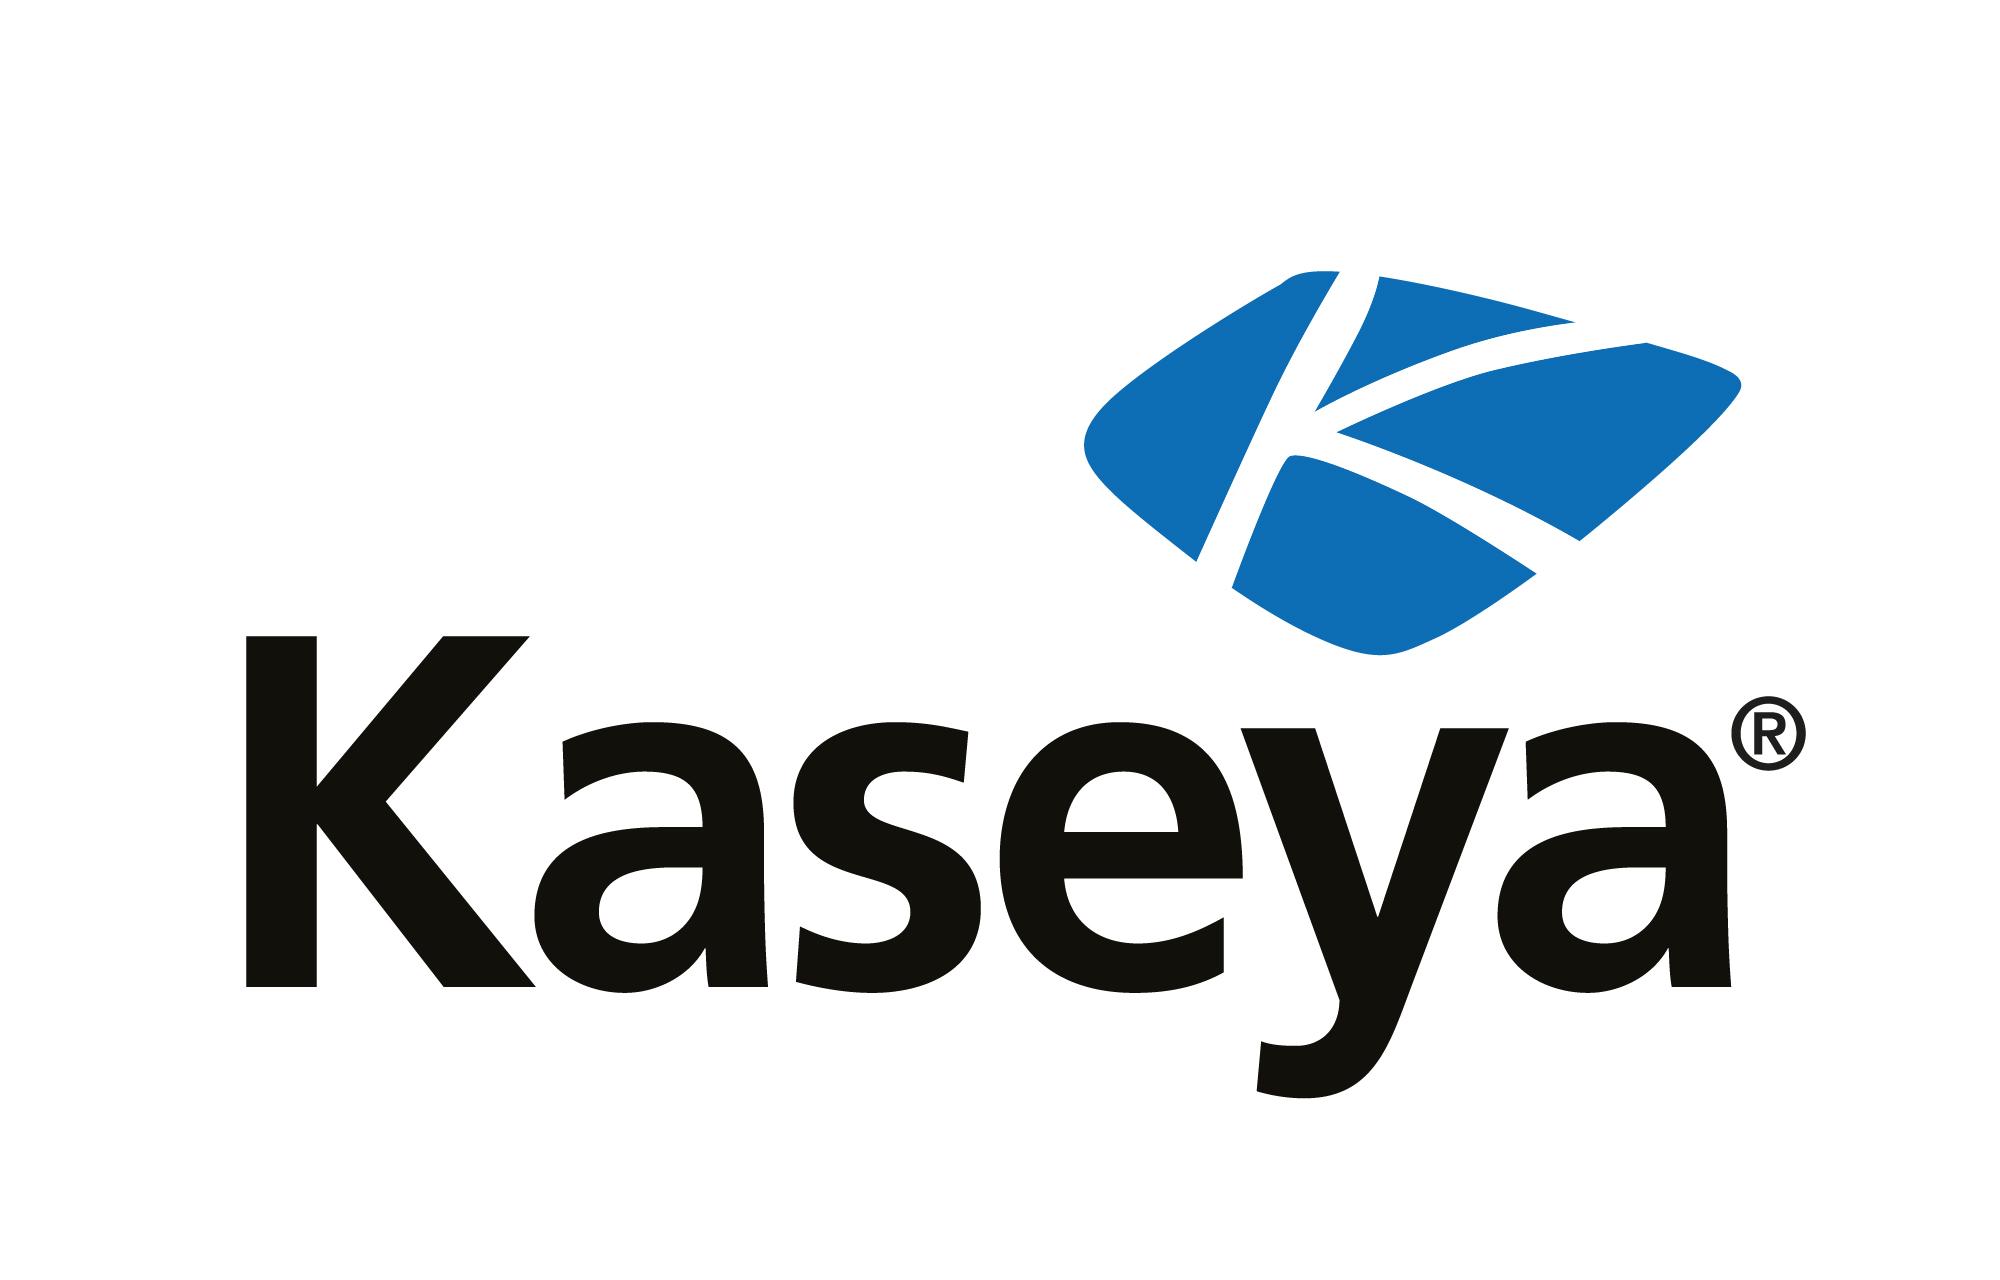 Kaseya setzt sein Momentum mit Rekord-Sales und weltweitem Kundenzuwachs auch 2017 fort